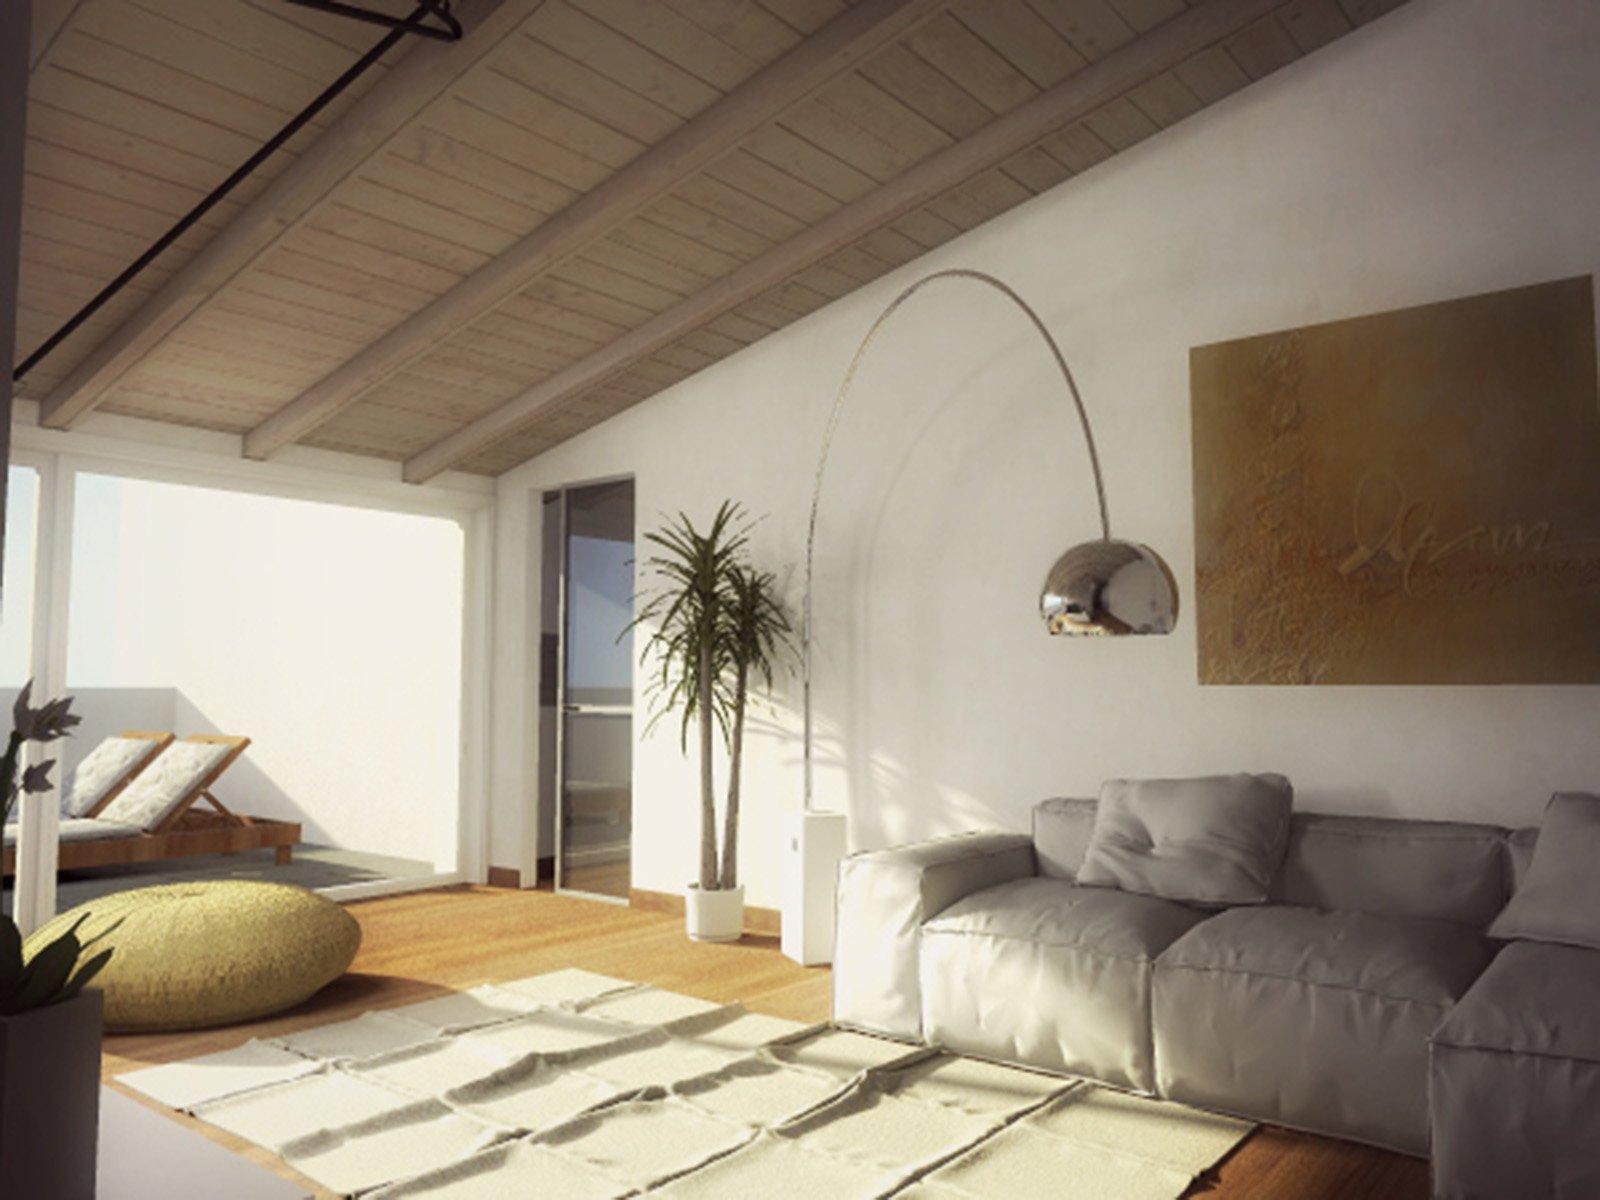 Mansarda una casa sottotetto luminosa e contemporanea for Foto di mansarde arredate